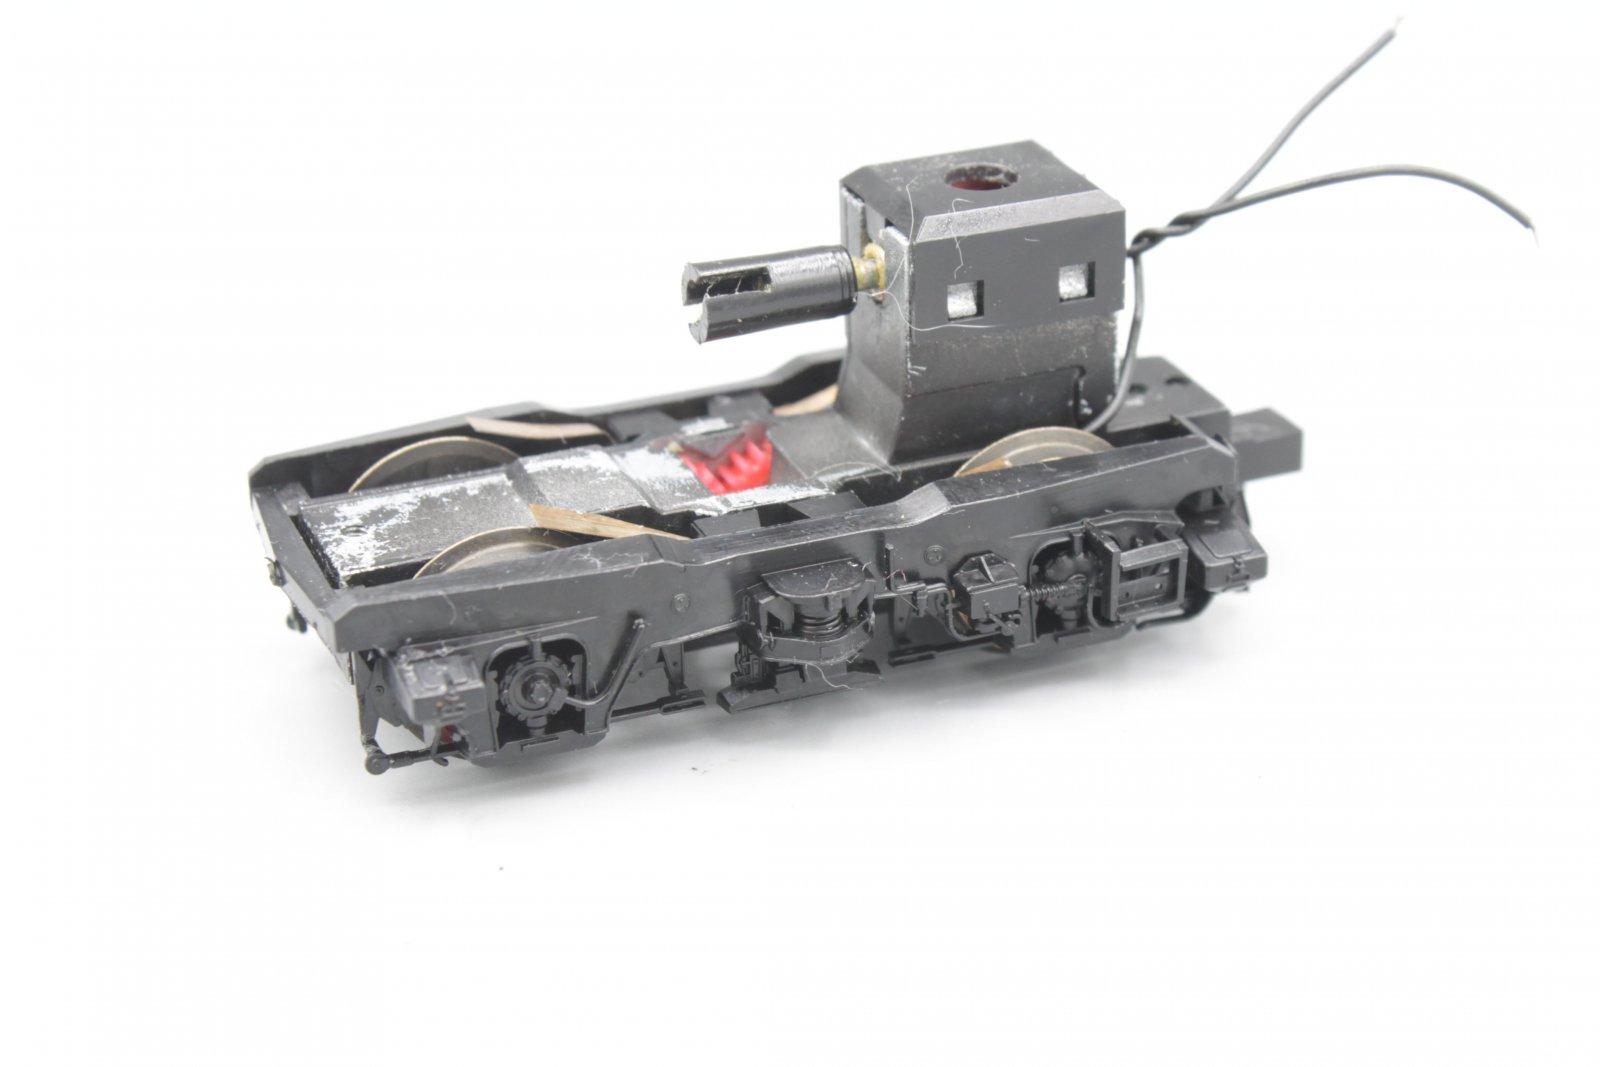 Ersatzteil Roco 110 / 140 Drehgestell schwarz - komplett